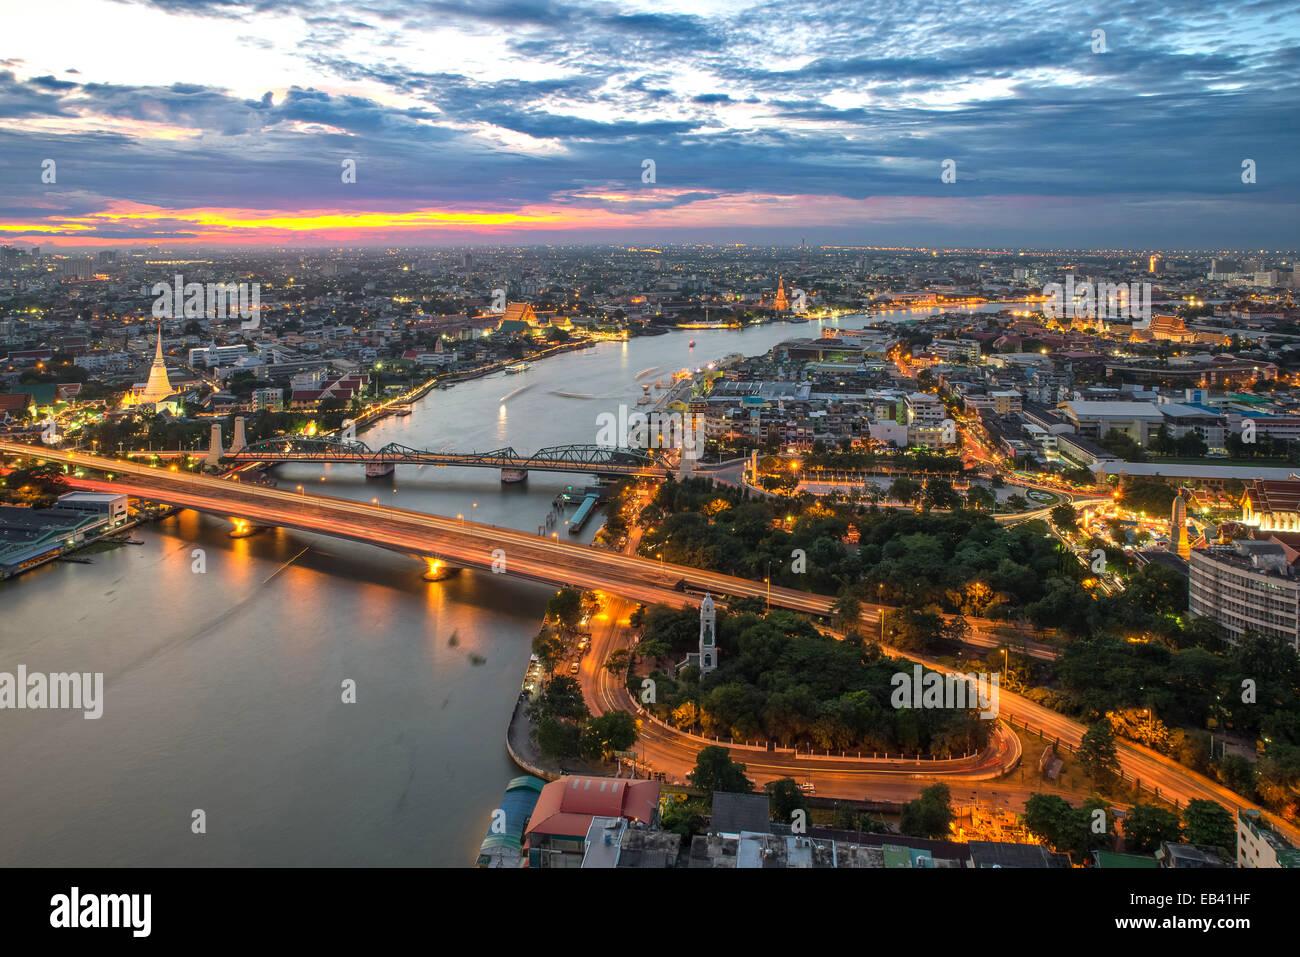 View of Bangkok city along Chao phraya River - Stock Image